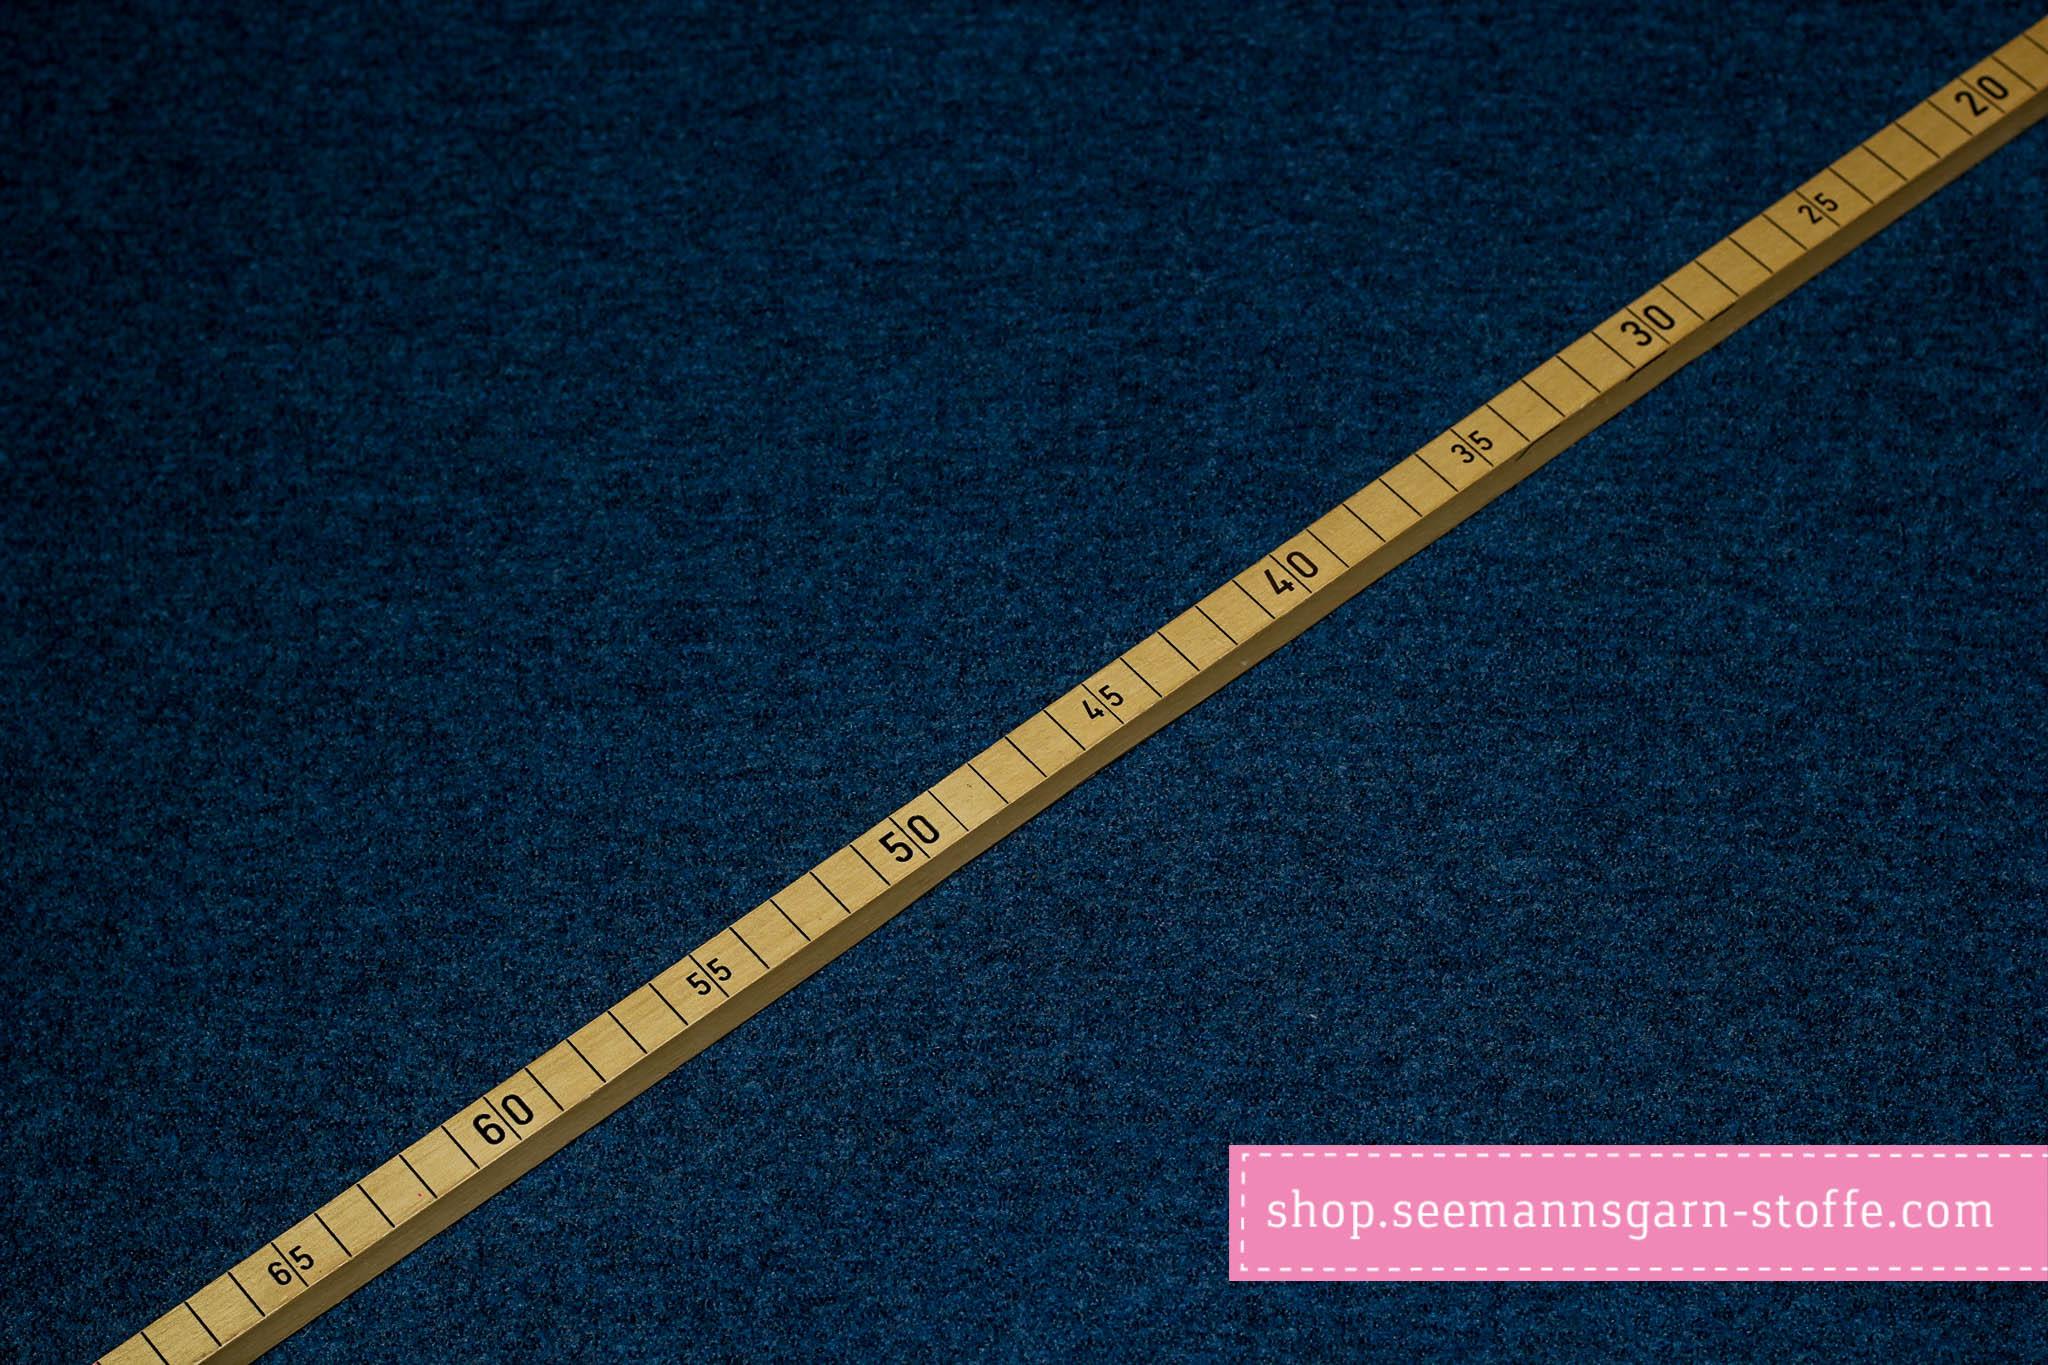 Walk - Merinowolle graublau